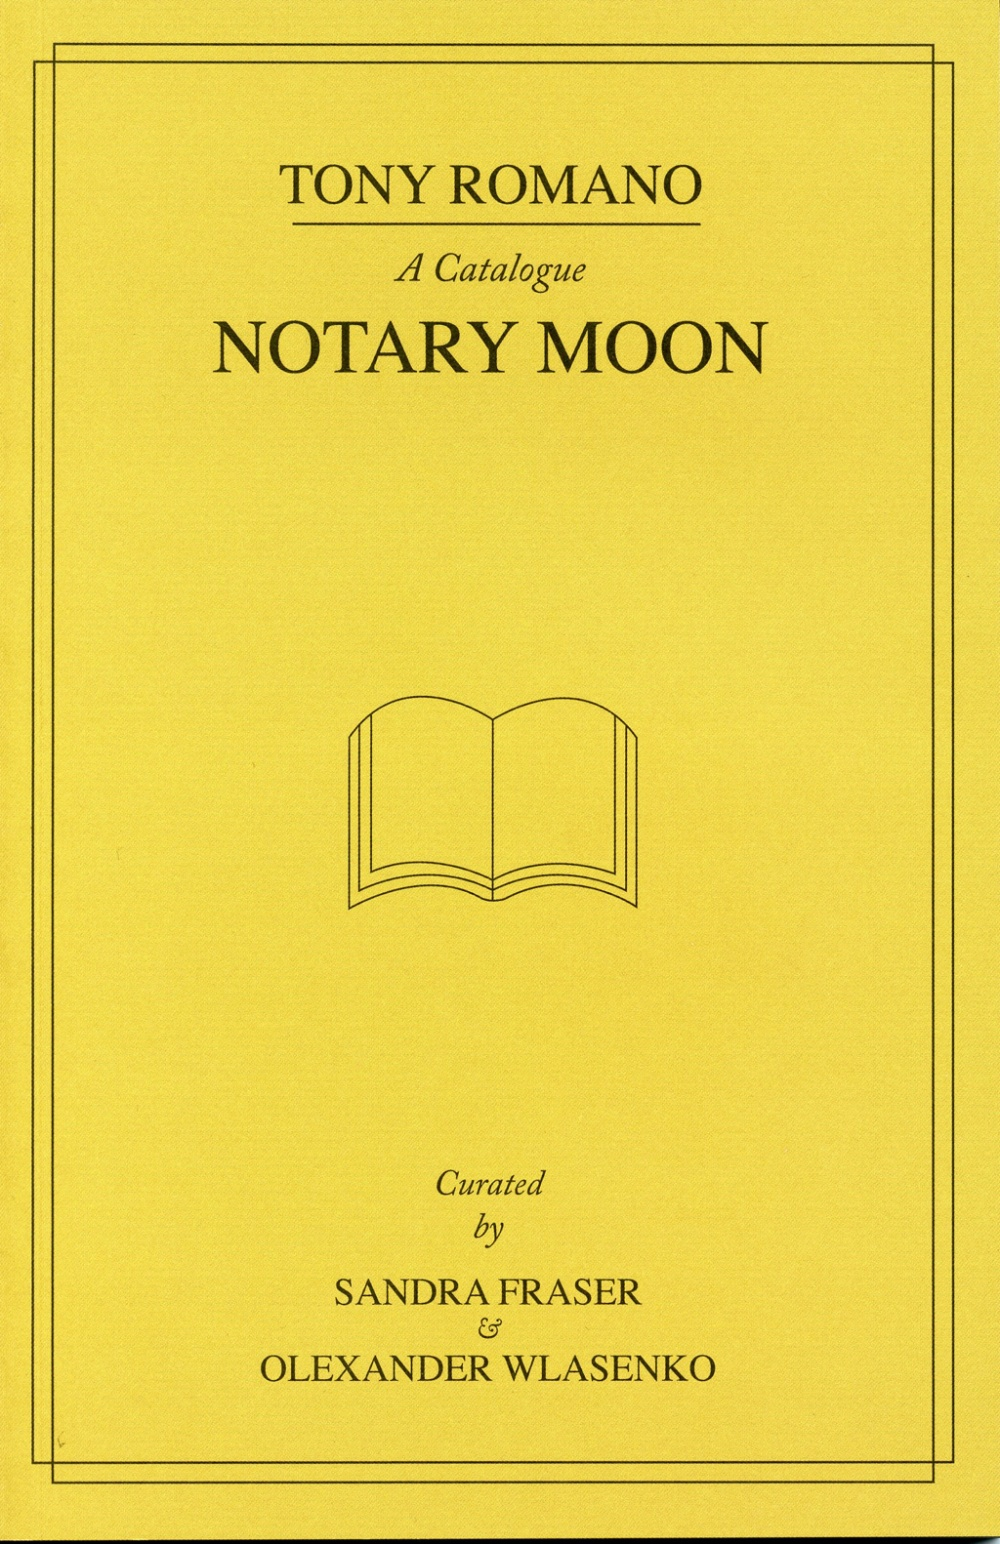 Notary Moon